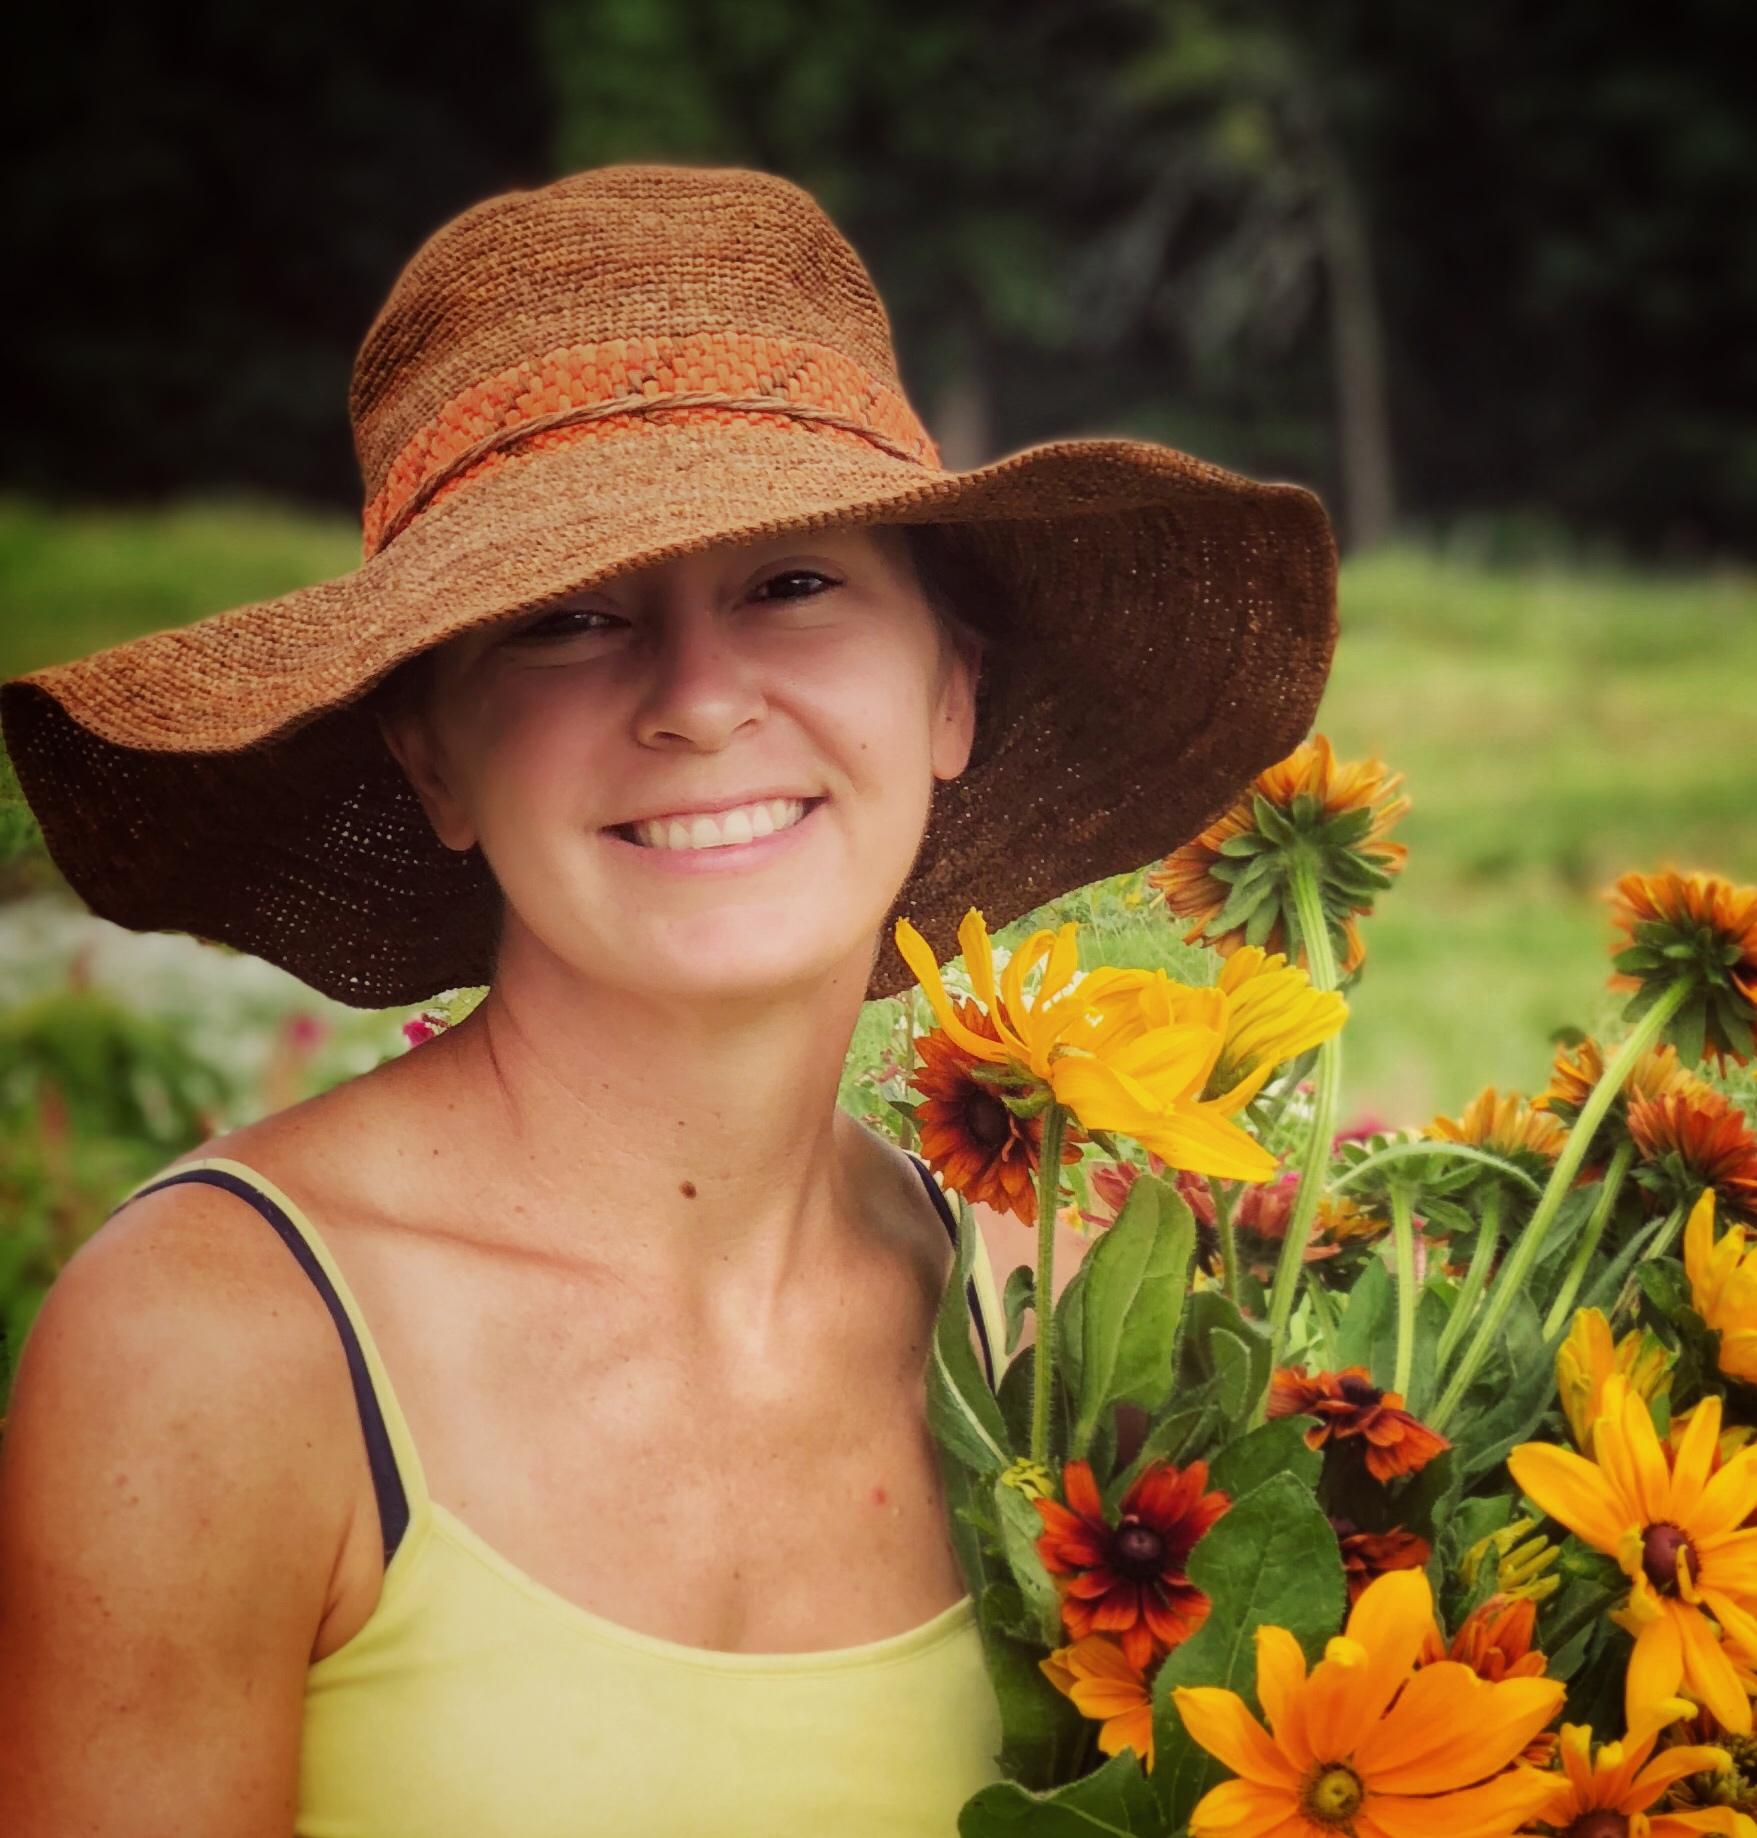 Michelle Kenstler Periwinkle Flower Farm Emmaus PA organic specialty cut flowers rudbeckia